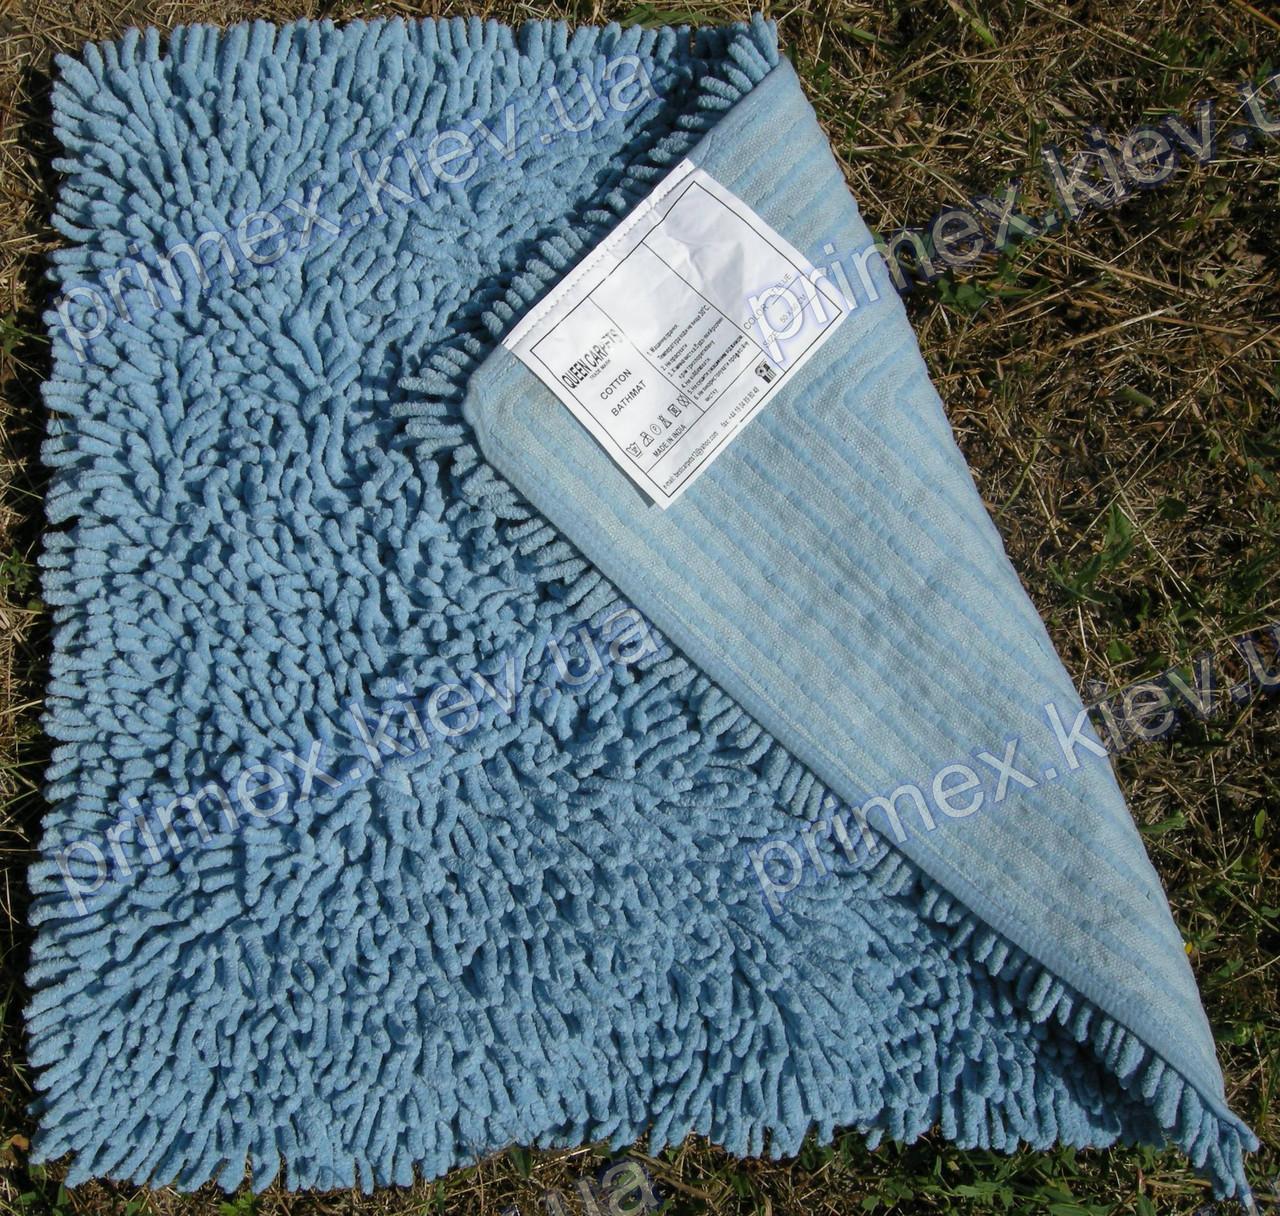 Коврик для ванной хлопковый, 70*100см. цвет голубой. Коврик для ванной купить